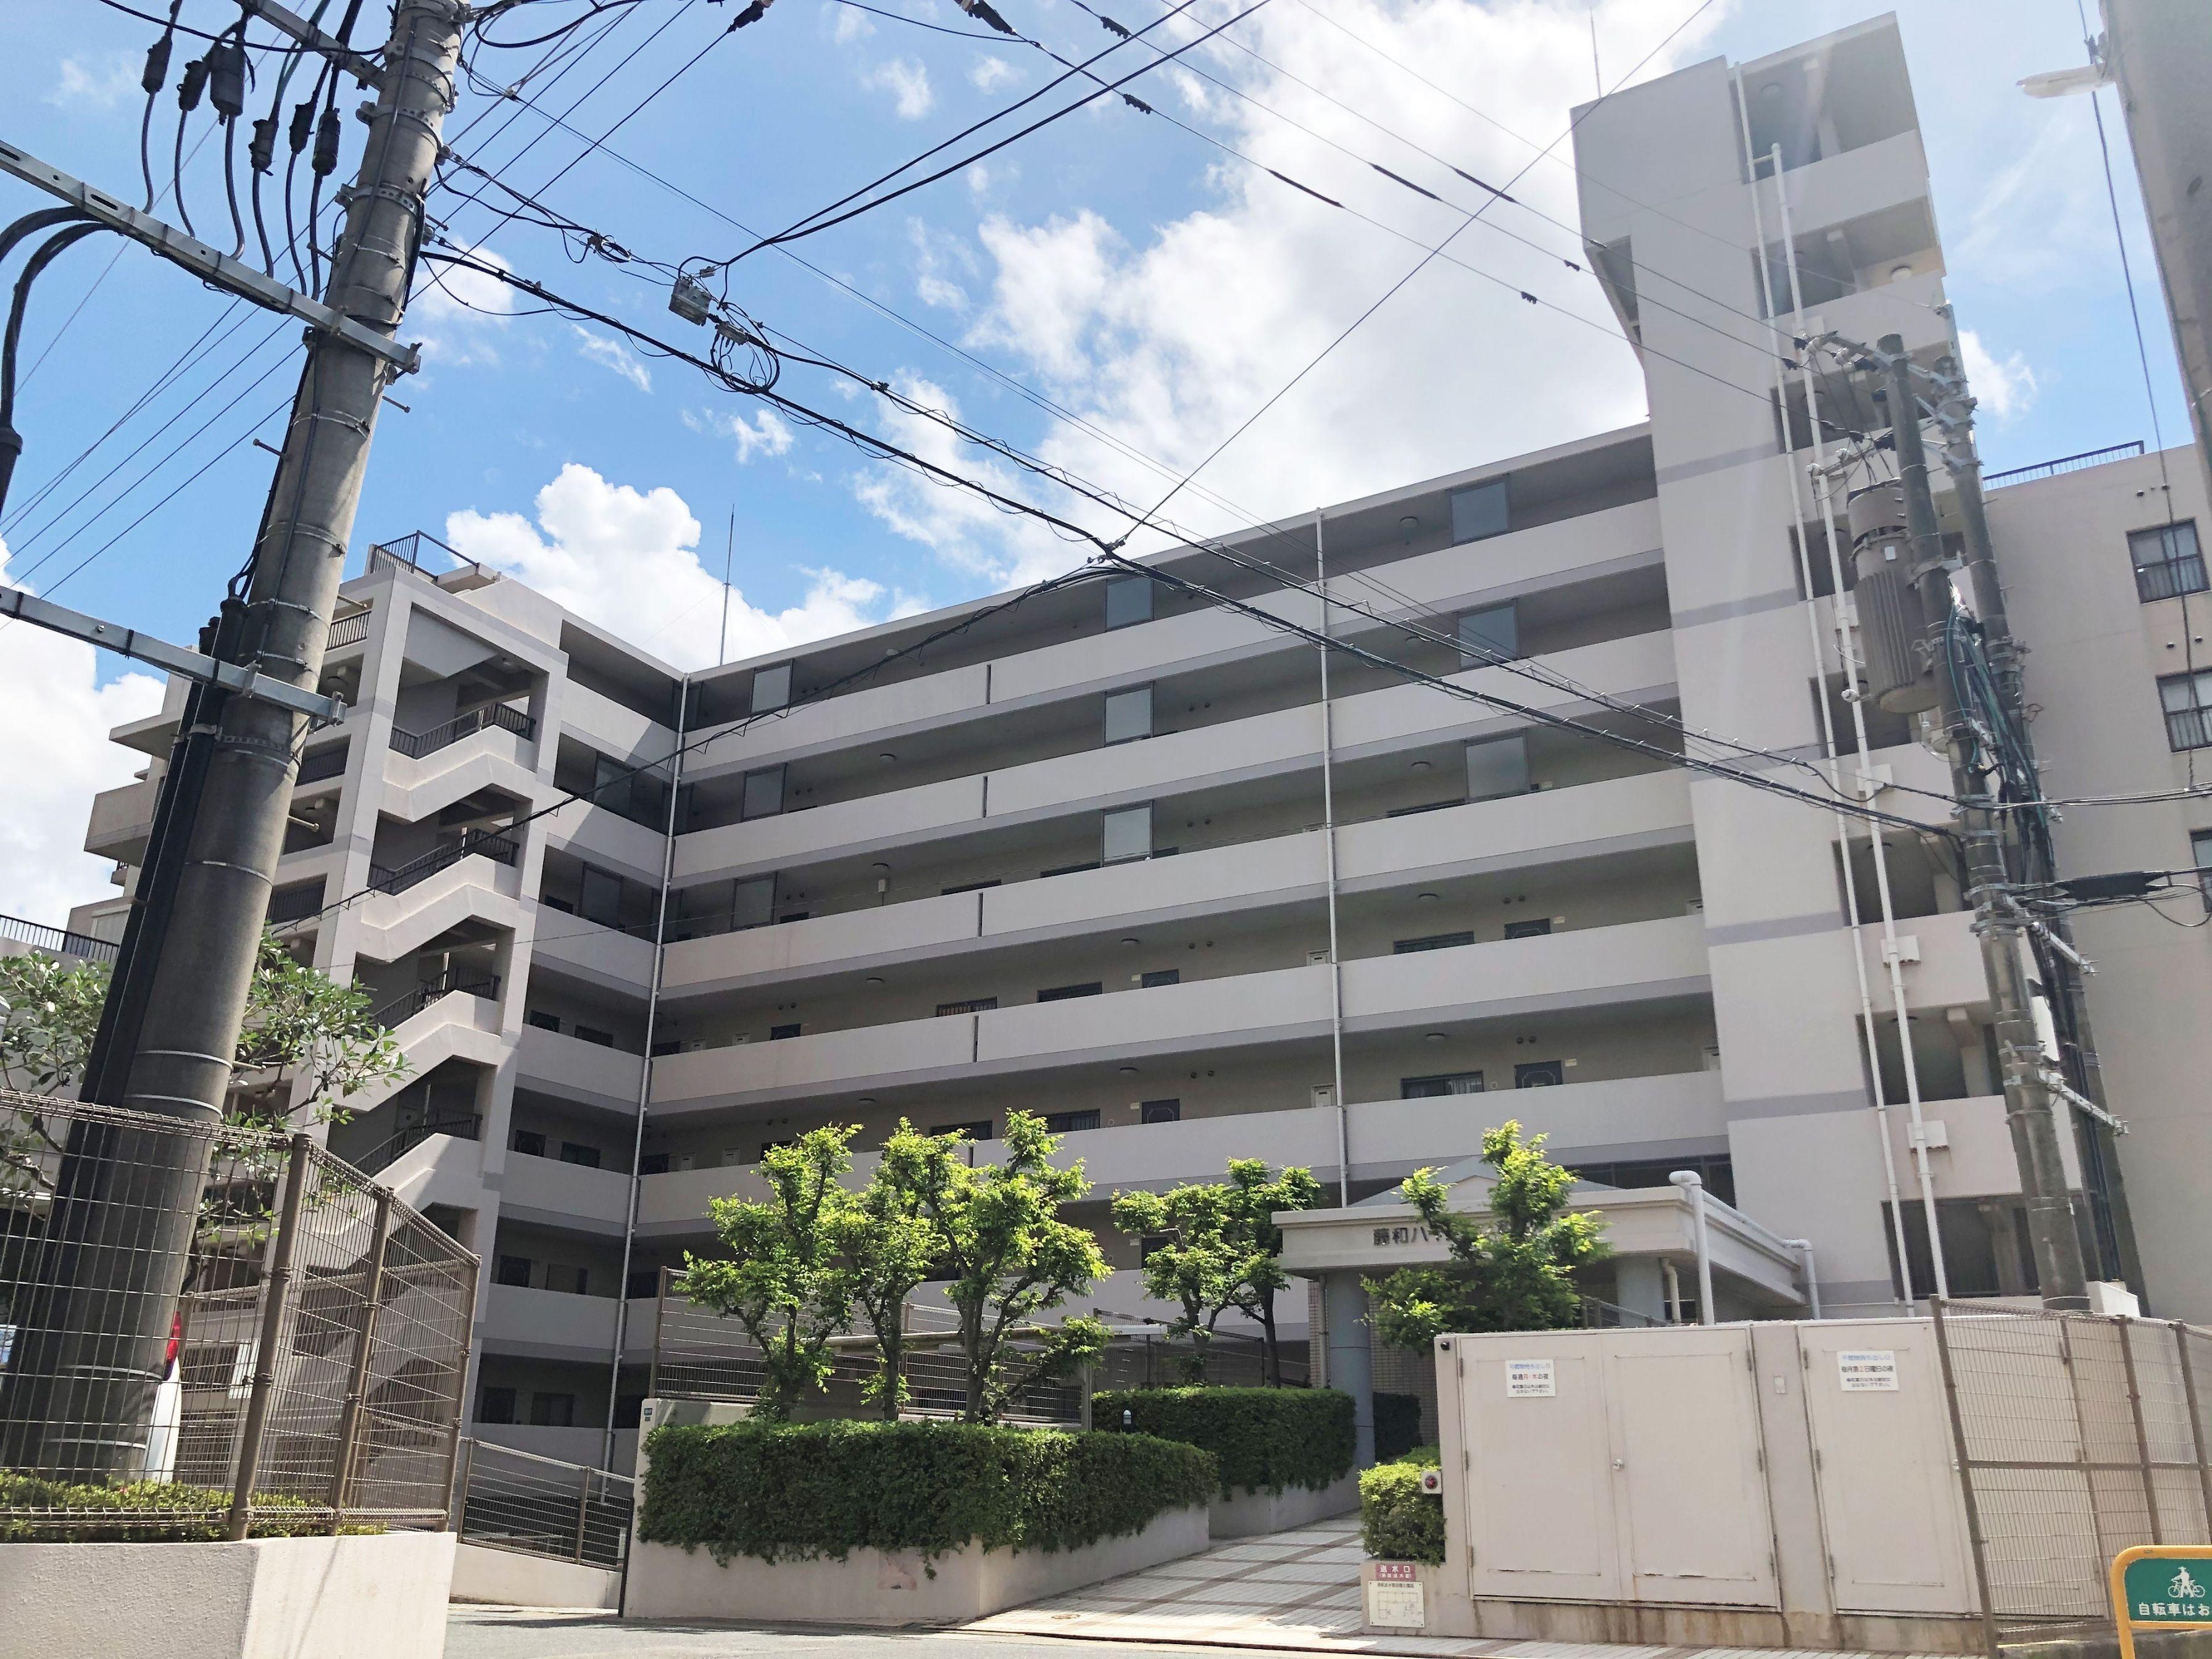 ふれんず|JR鹿児島本線(福工大前駅)の中古マンション・新築 ...